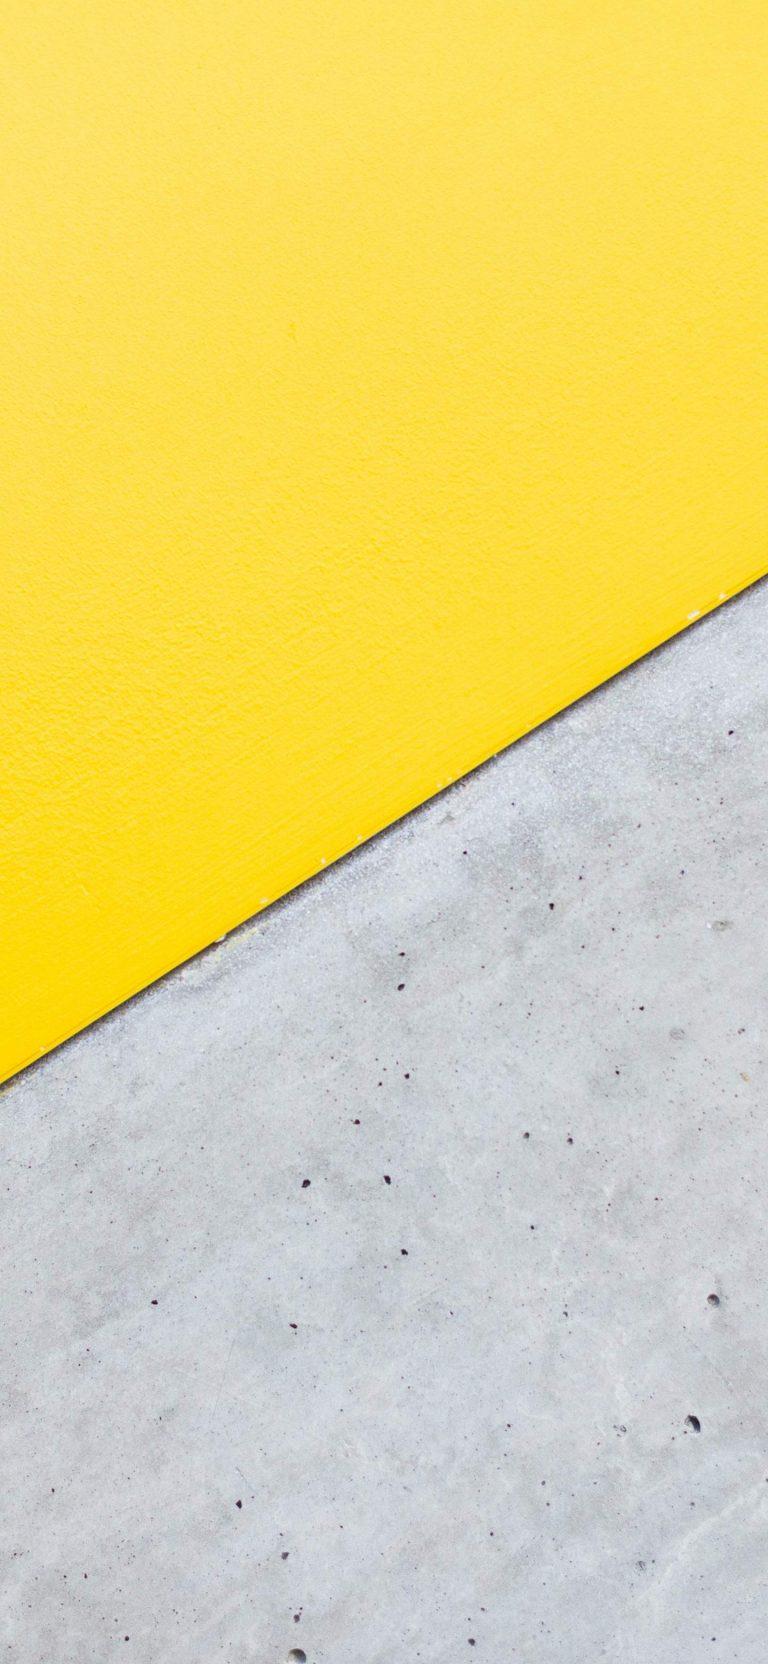 1440x3120 Wallpaper 073 768x1664